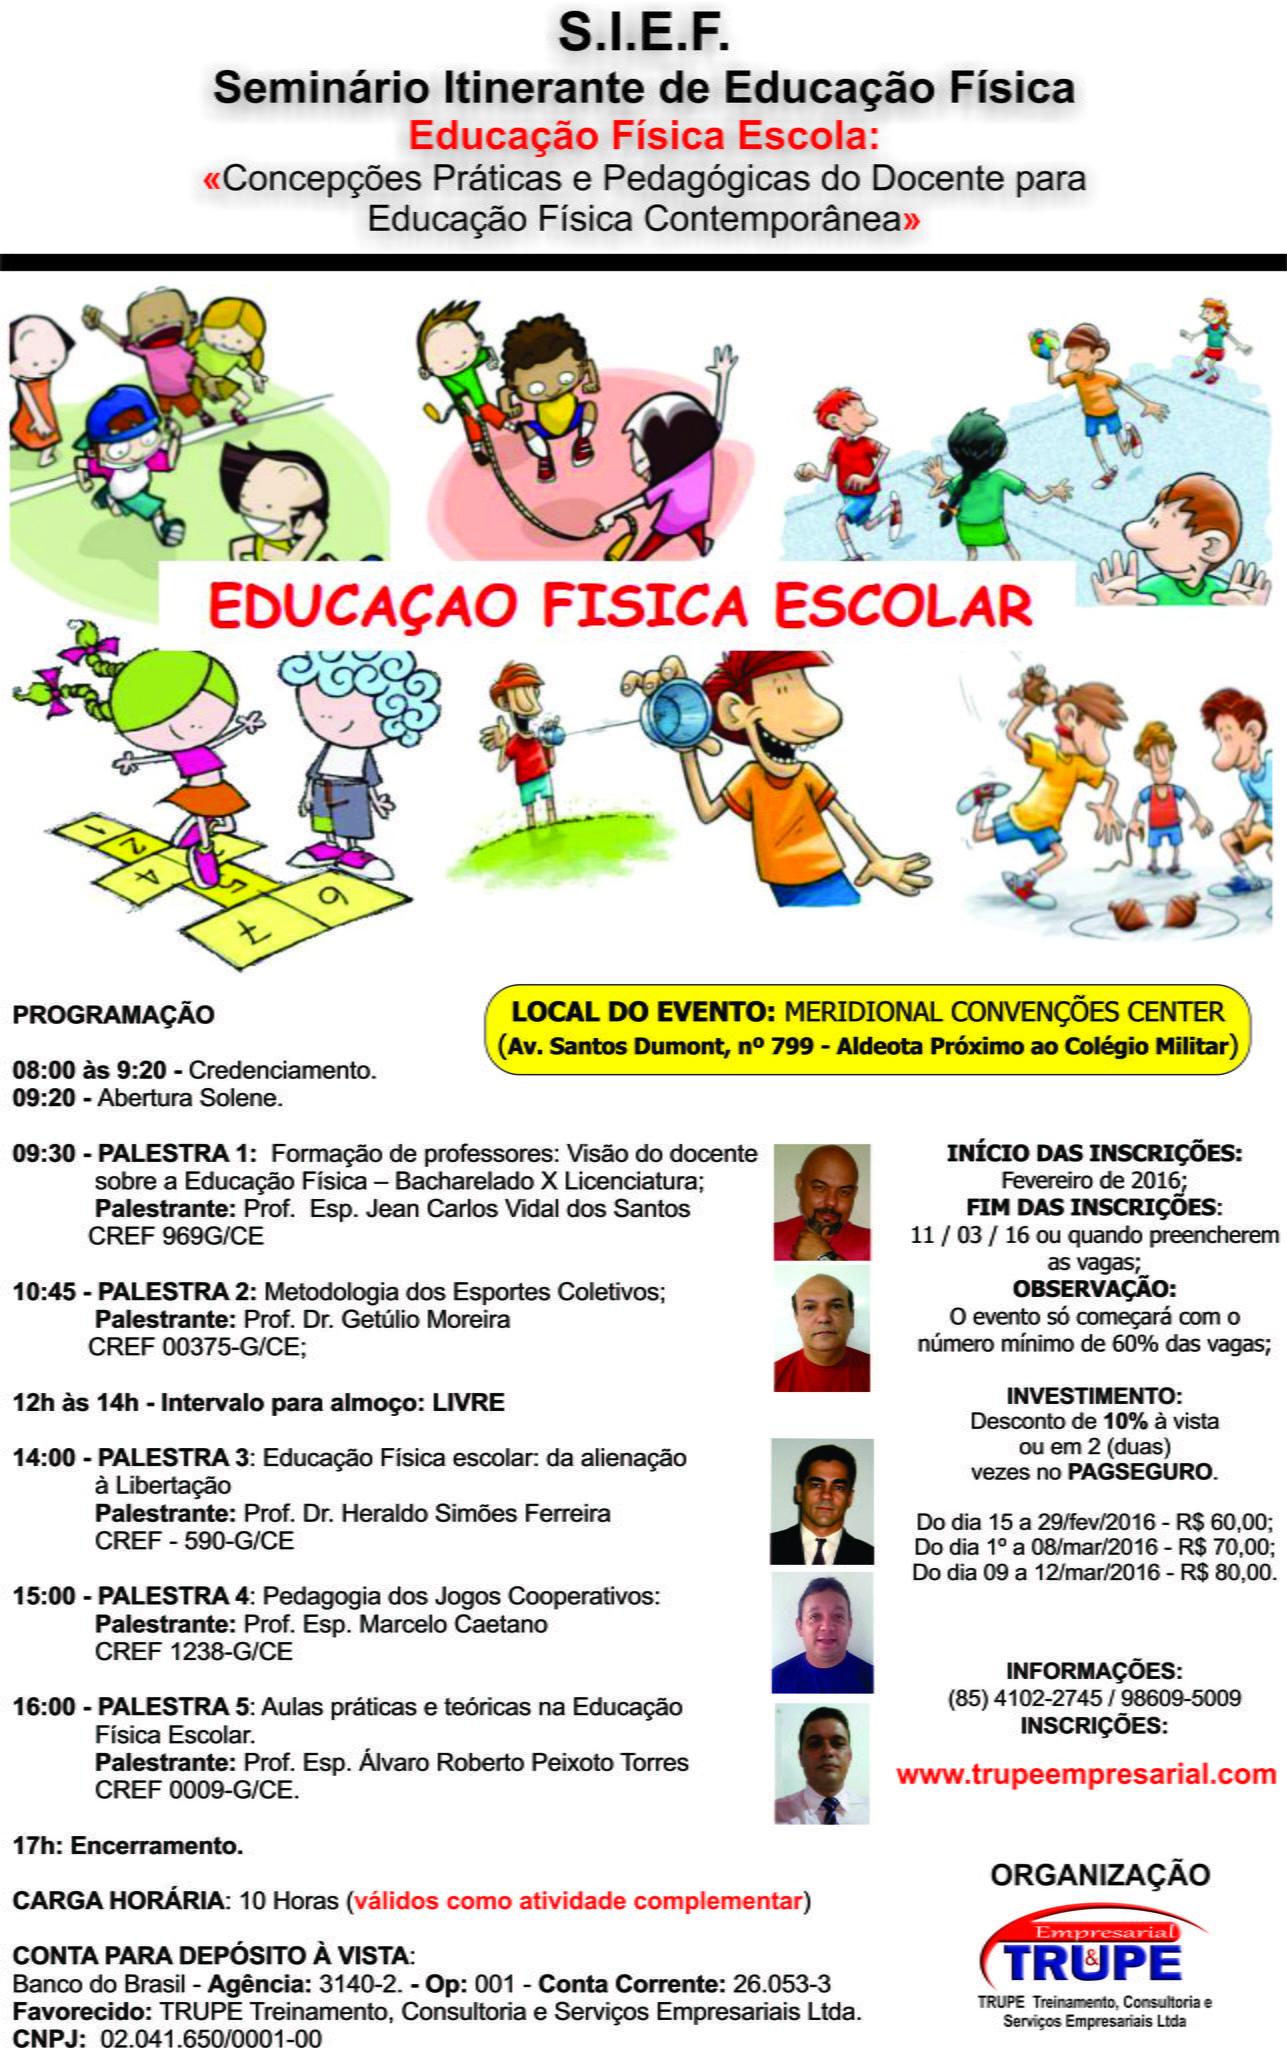 Com FOTO   SEMINÁRIO ITINERANTE DE EDUCAÇÃO FÍSICA - cartaz.jpg